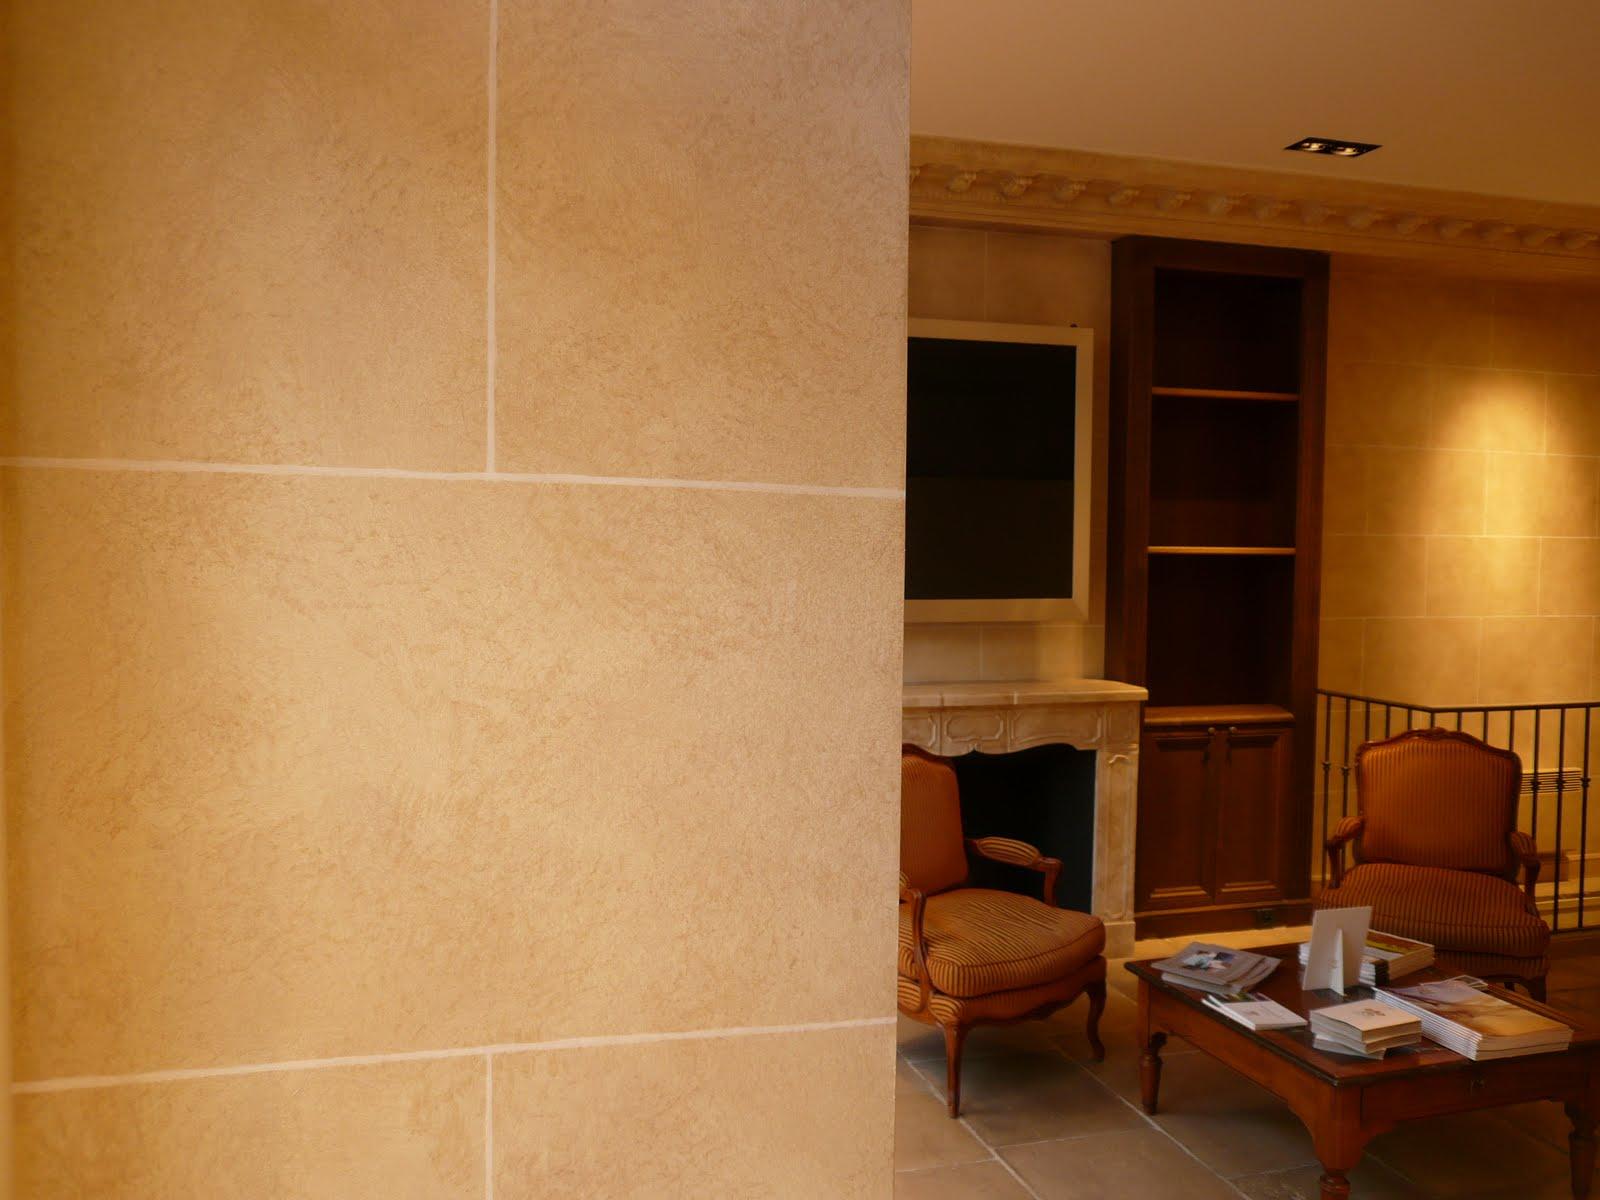 christophe roux peintre d corateur faux marbre fausse pierre. Black Bedroom Furniture Sets. Home Design Ideas